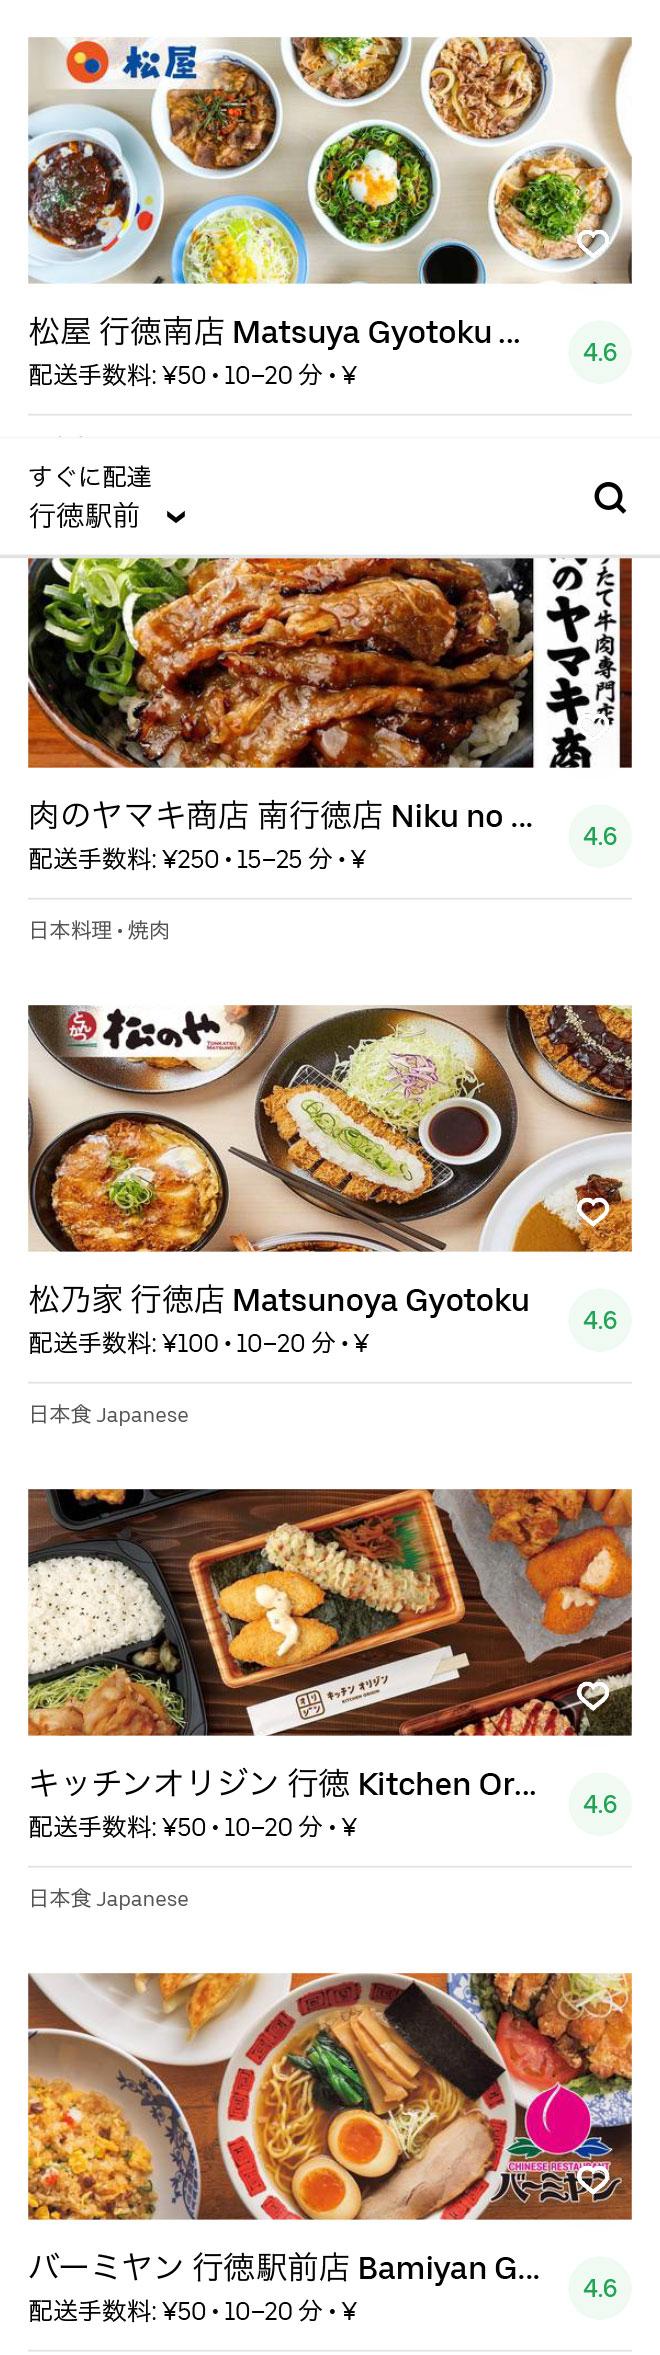 Ichikawa gyotoku menu 2004 02